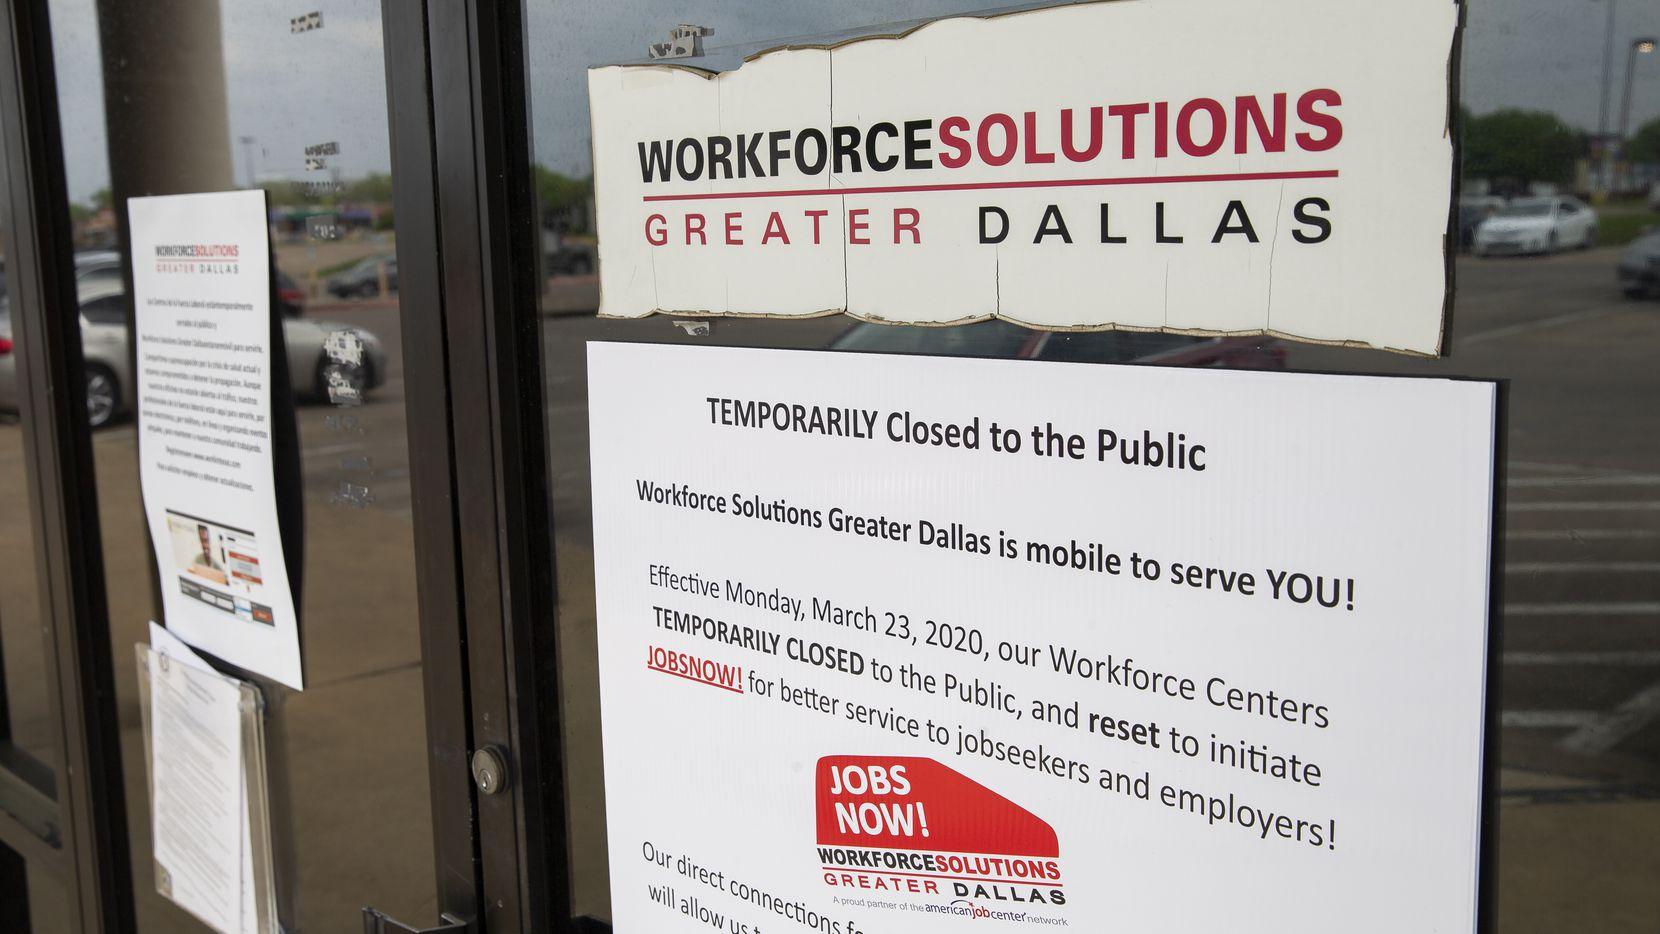 Un cartel anunciando el cierre temporal del Centro de Fuerza Laboral en Dallas. El desempleo alcanzó niveles récord el mes pasado.